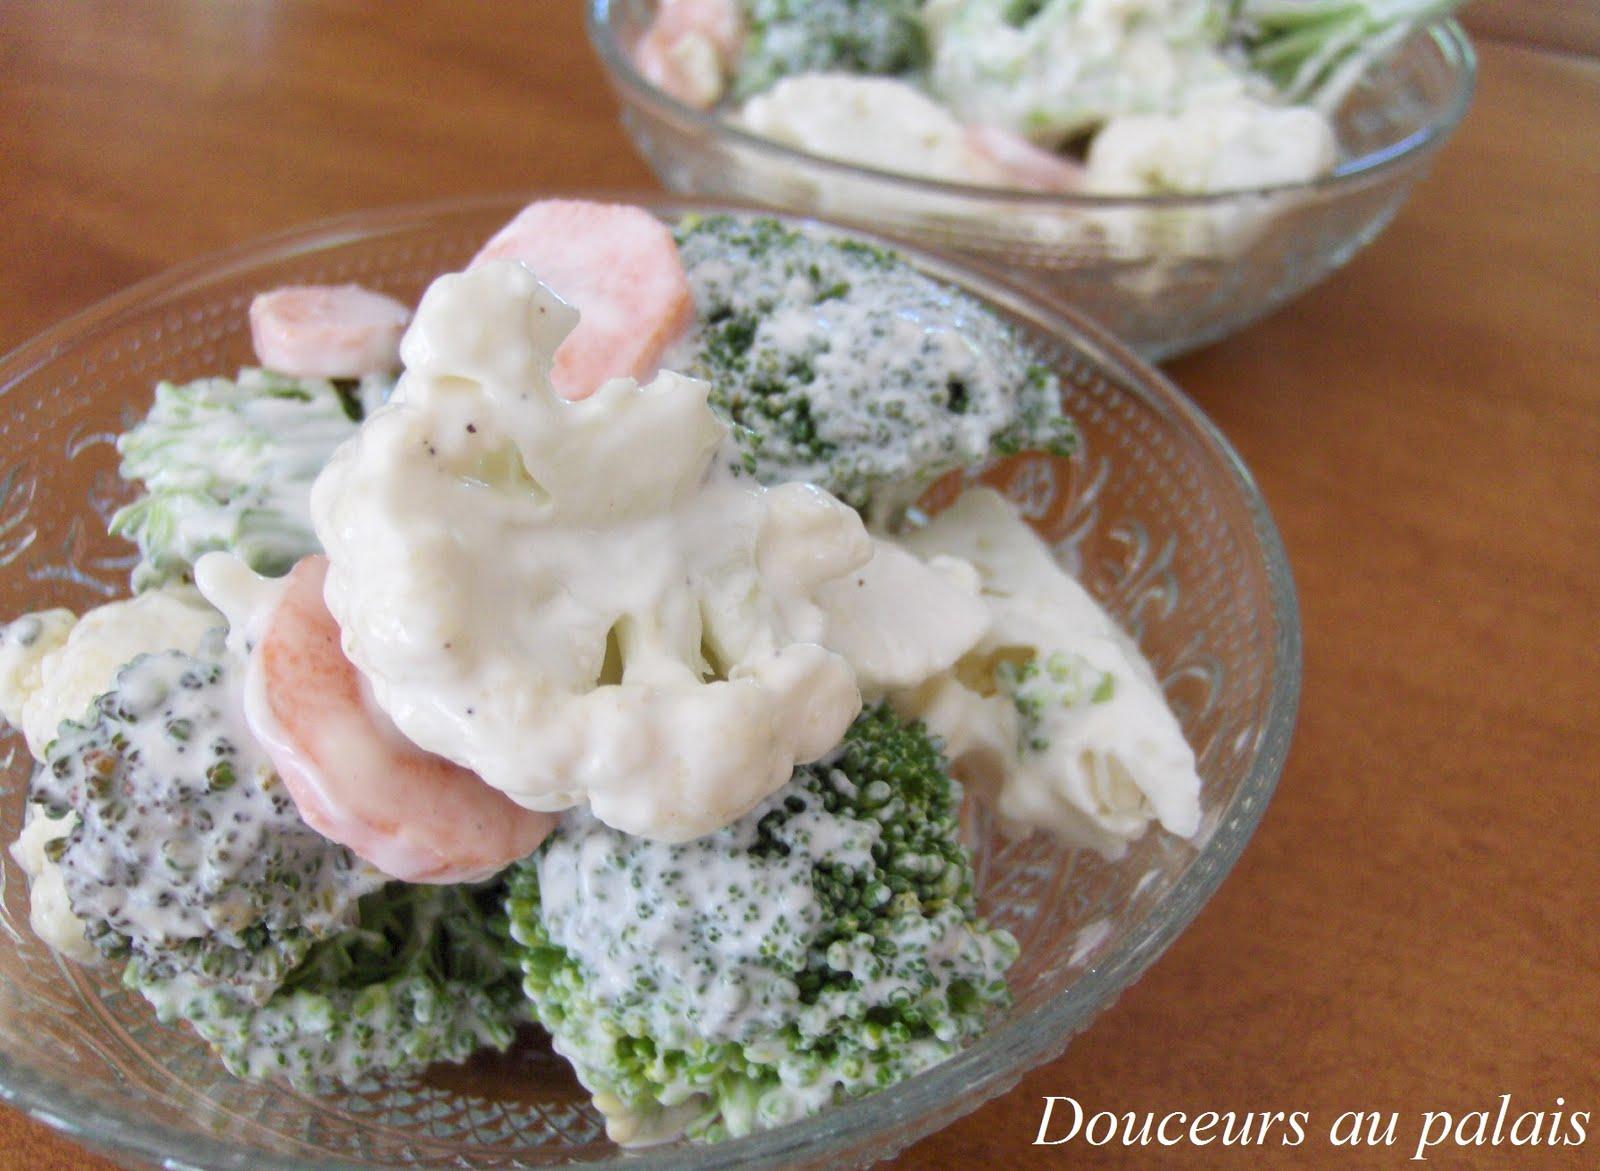 douceurs au palais salade d 39 t au brocoli chou fleur et. Black Bedroom Furniture Sets. Home Design Ideas